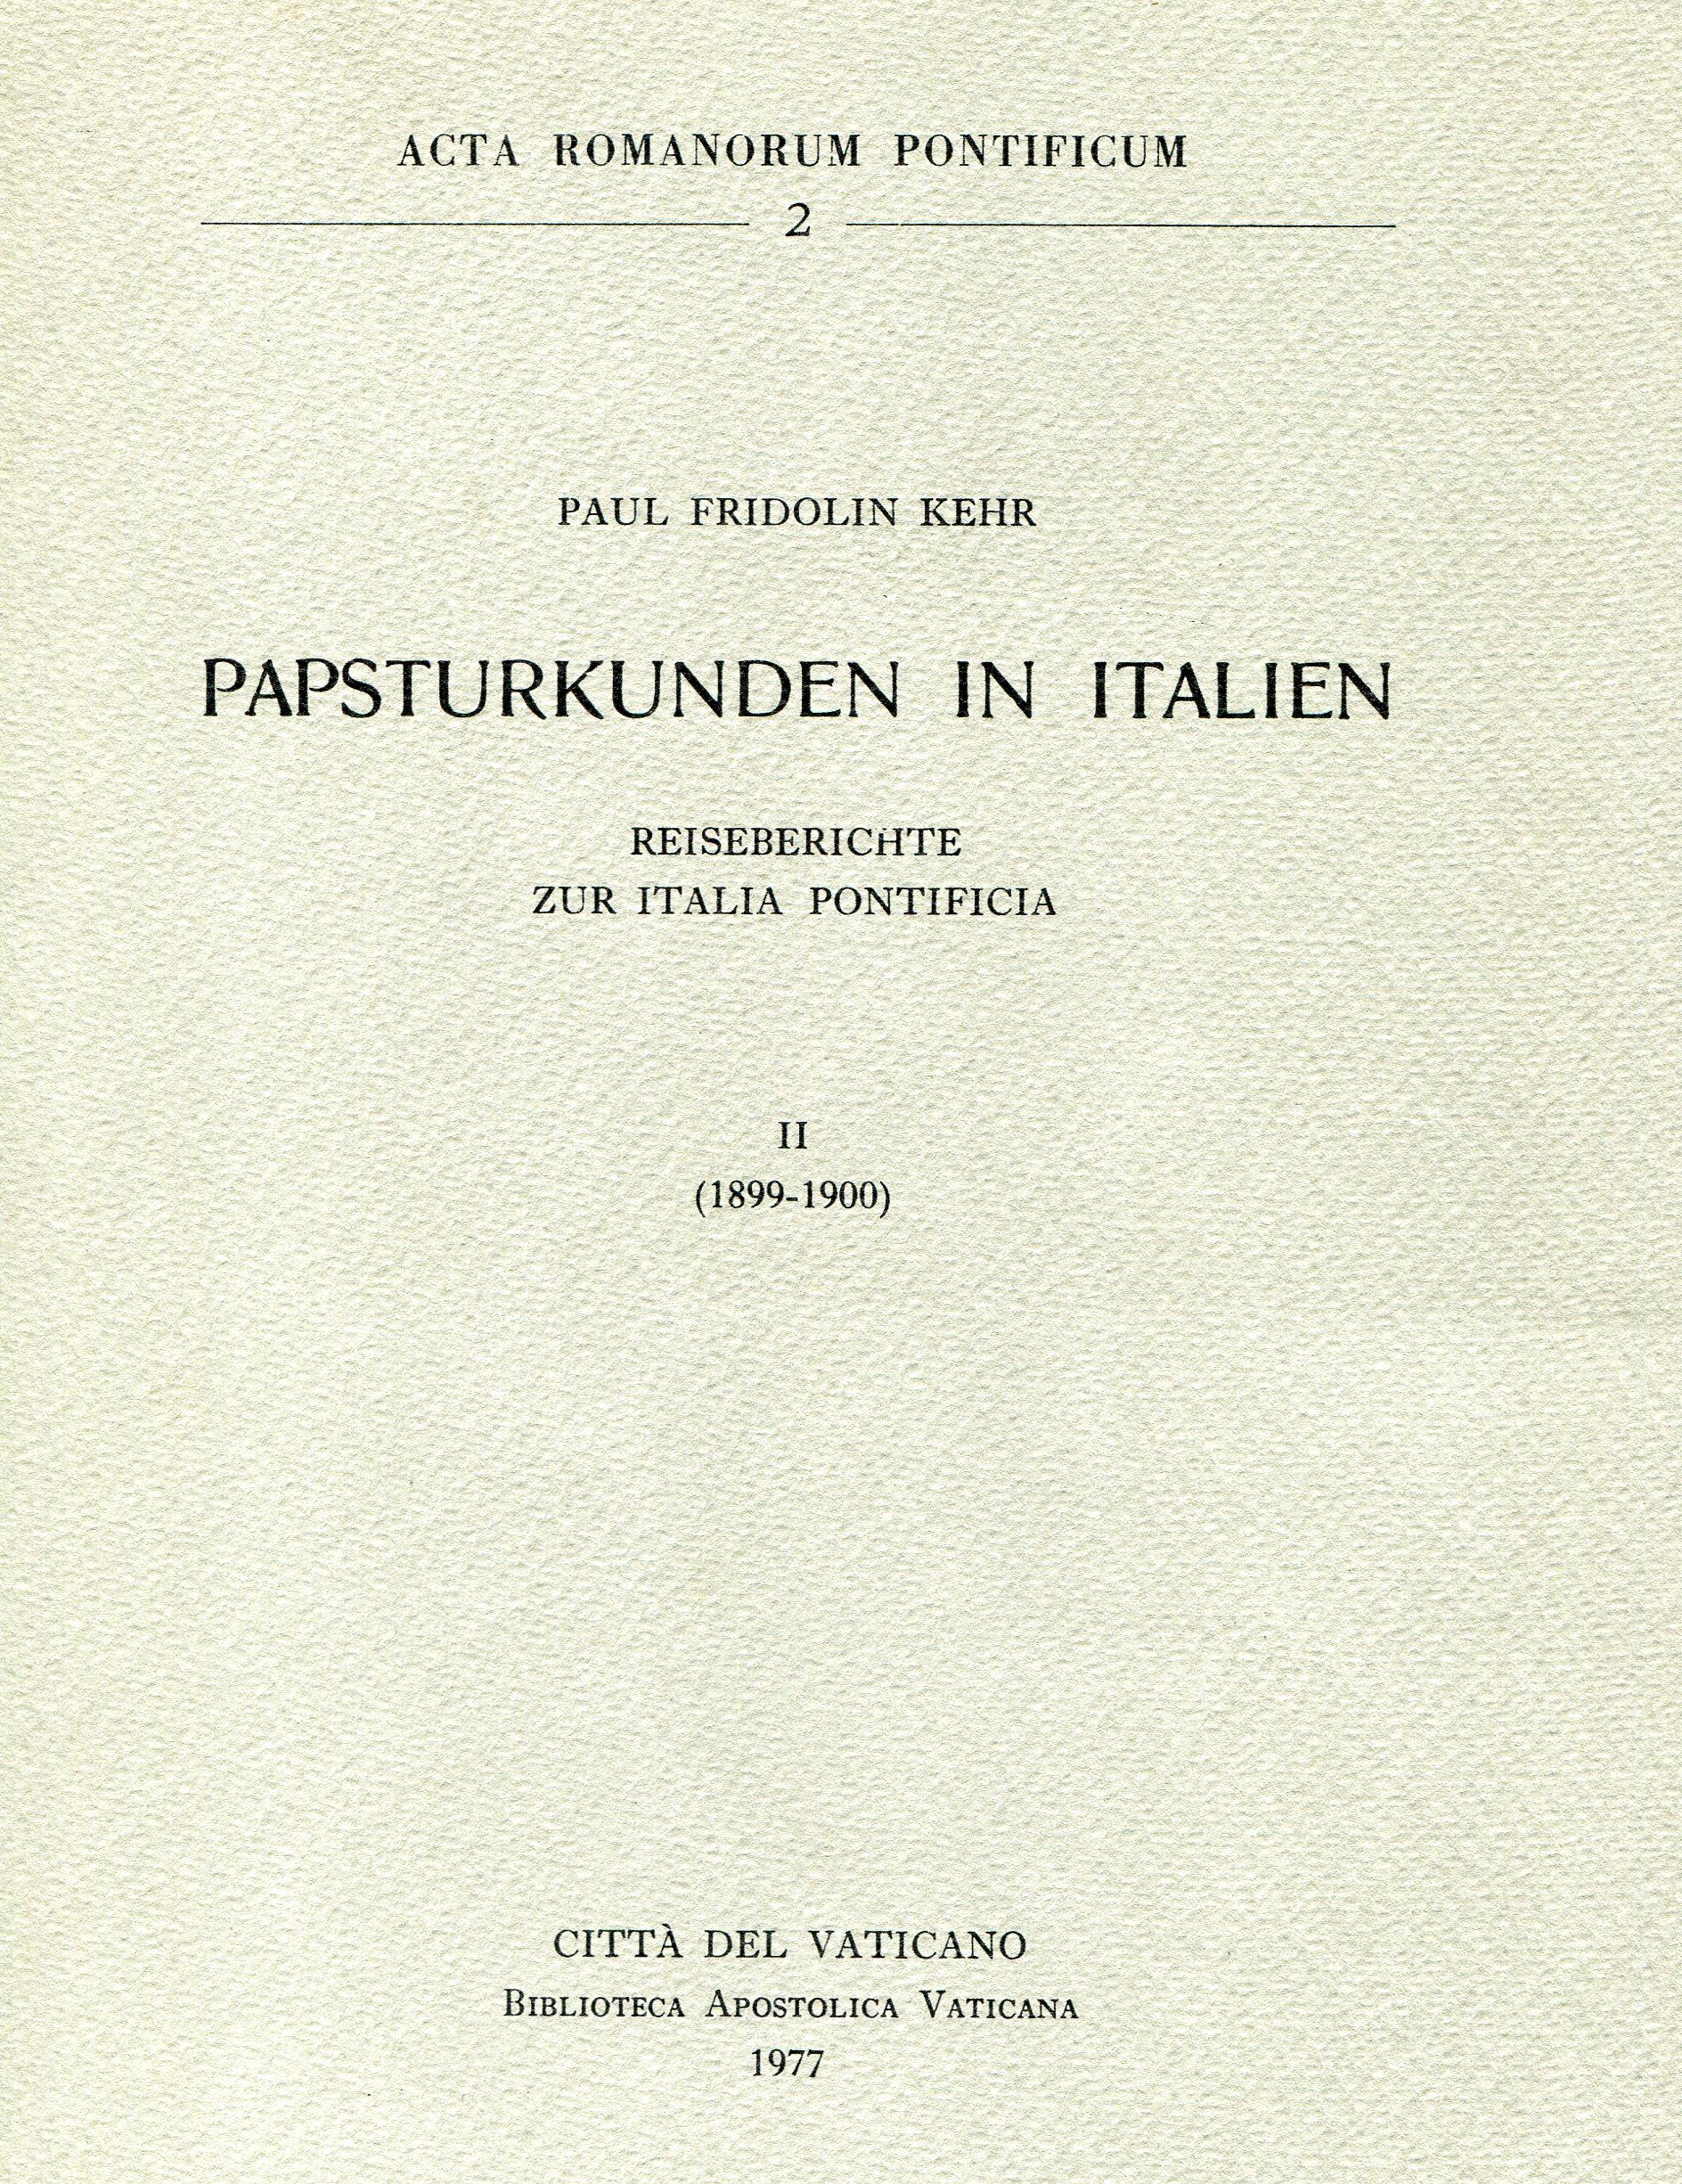 Papsturkunden in Italien. Reiseberichte zur Italia pontificia ‒ Vol. II. 1899-1900.